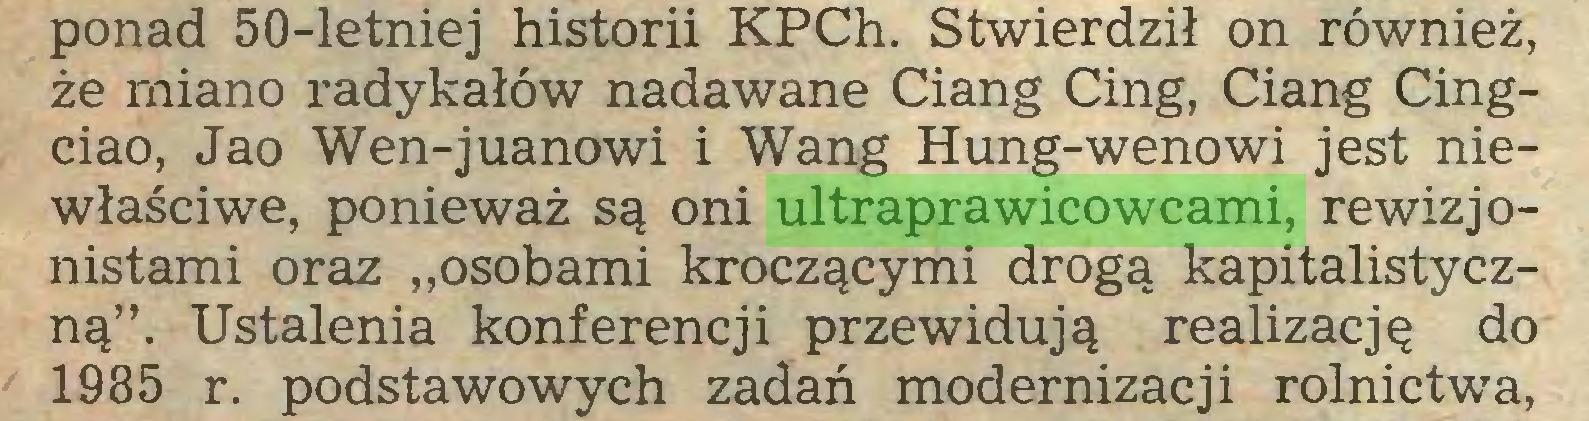 """(...) ponad 50-letniej historii KPCh. Stwierdził on również, że miano radykałów nadawane Ciang Cing, Ciang Cingciao, Jao Wen-juanowi i Wang Hung-wenowi jest niewłaściwe, ponieważ są oni ultraprawicowcami, rewizjonistami oraz """"osobami kroczącymi drogą kapitalistyczną"""". Ustalenia konferencji przewidują realizację do 1985 r. podstawowych zadań modernizacji rolnictwa,..."""